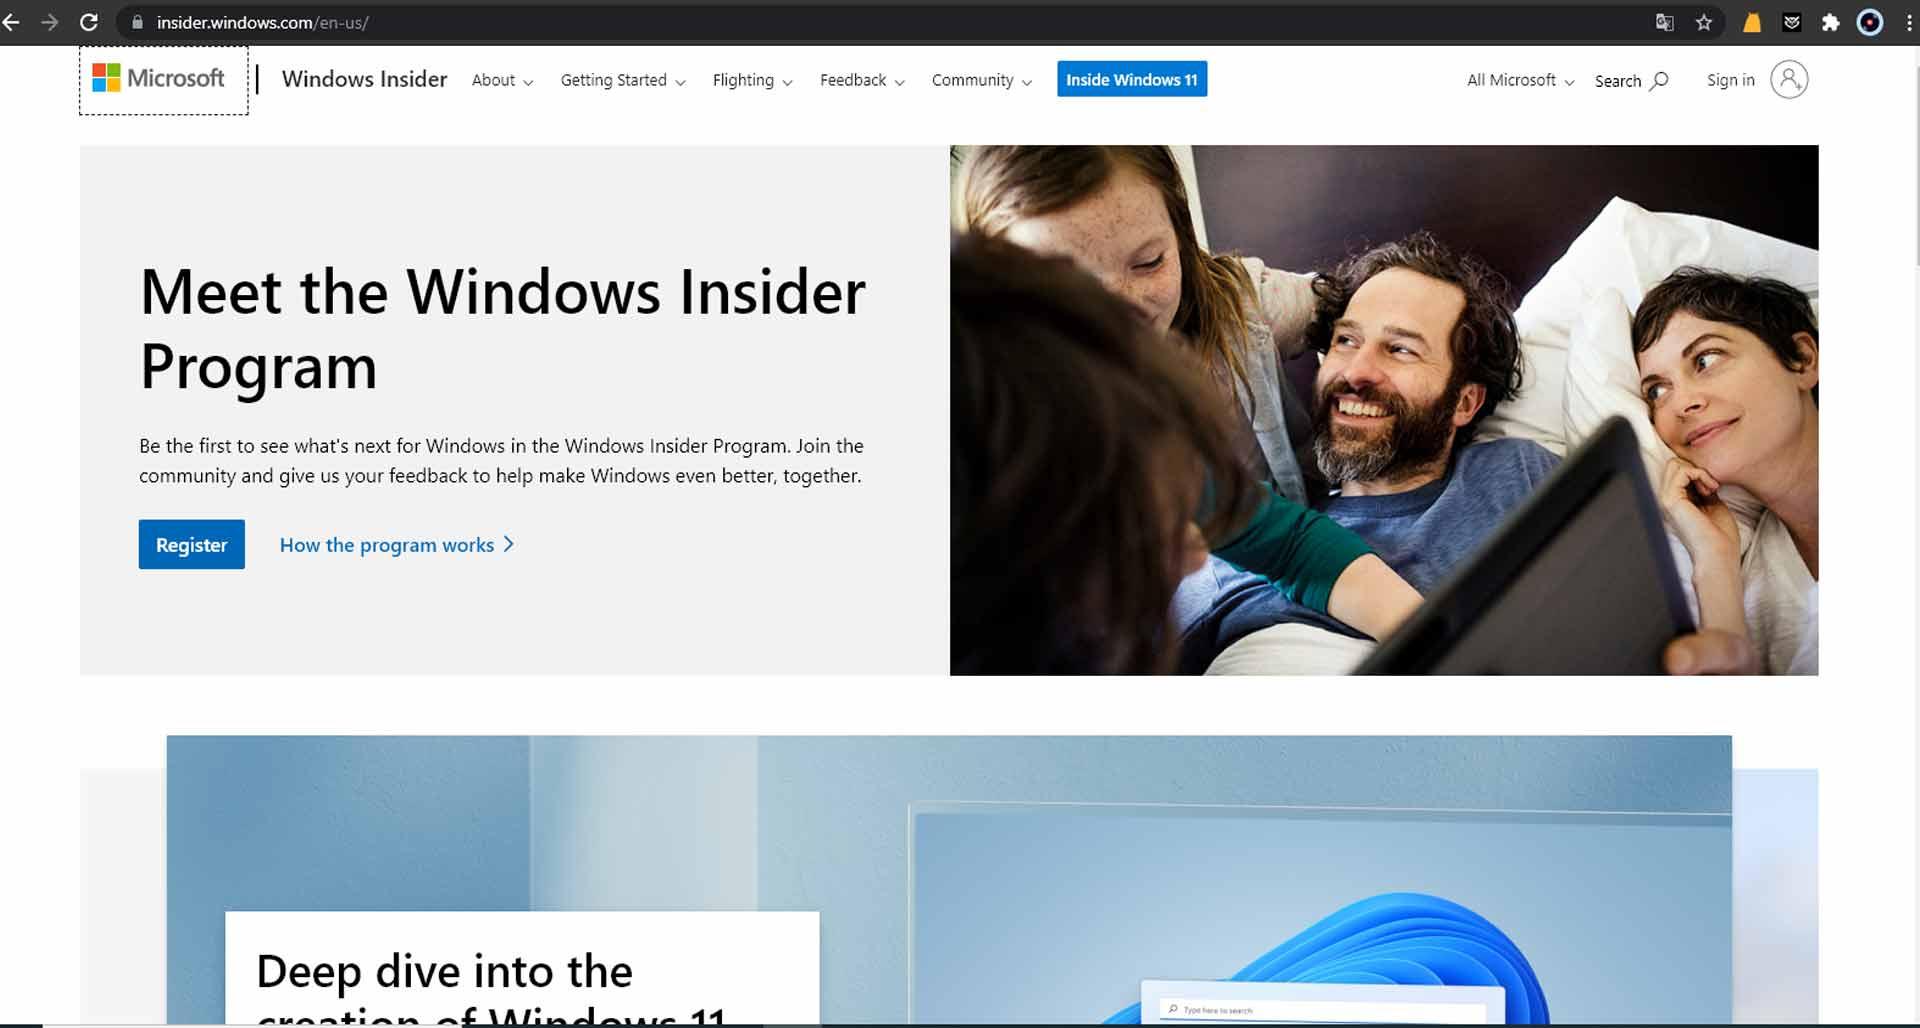 برای استفاده از اولین نسخه ویندوز 11 داوطلب شوید!